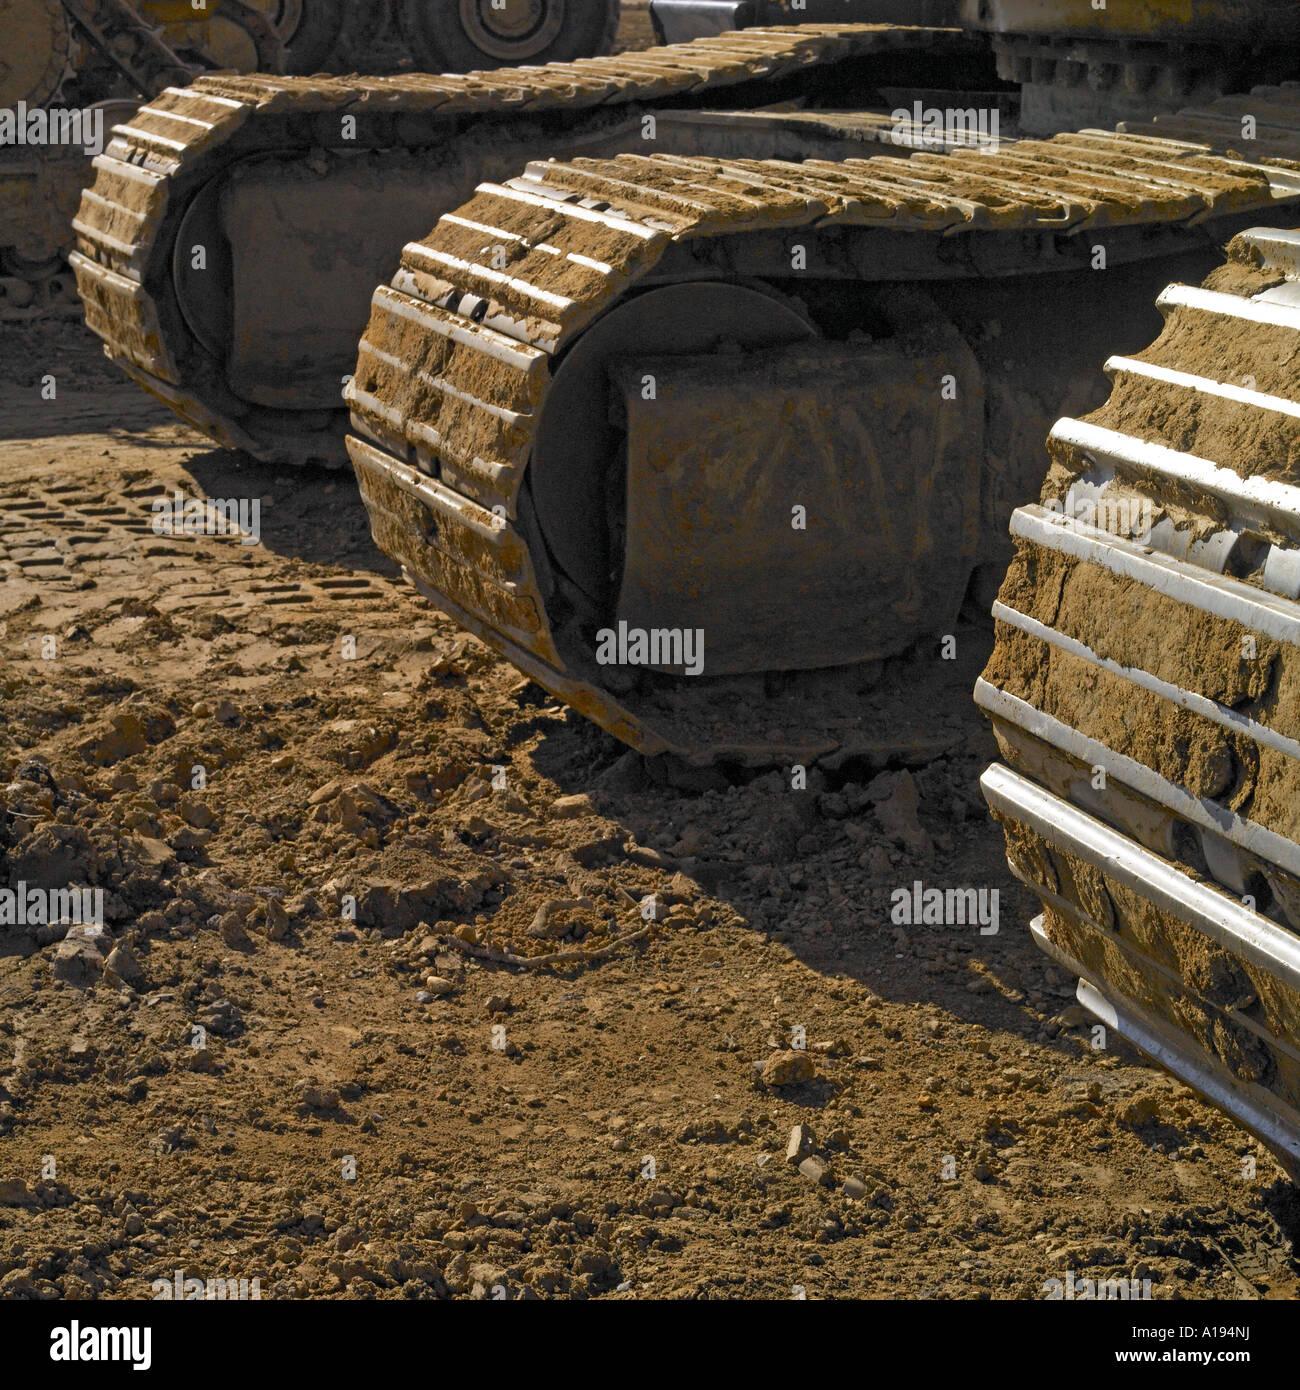 Civil engineering machine Stock Photo